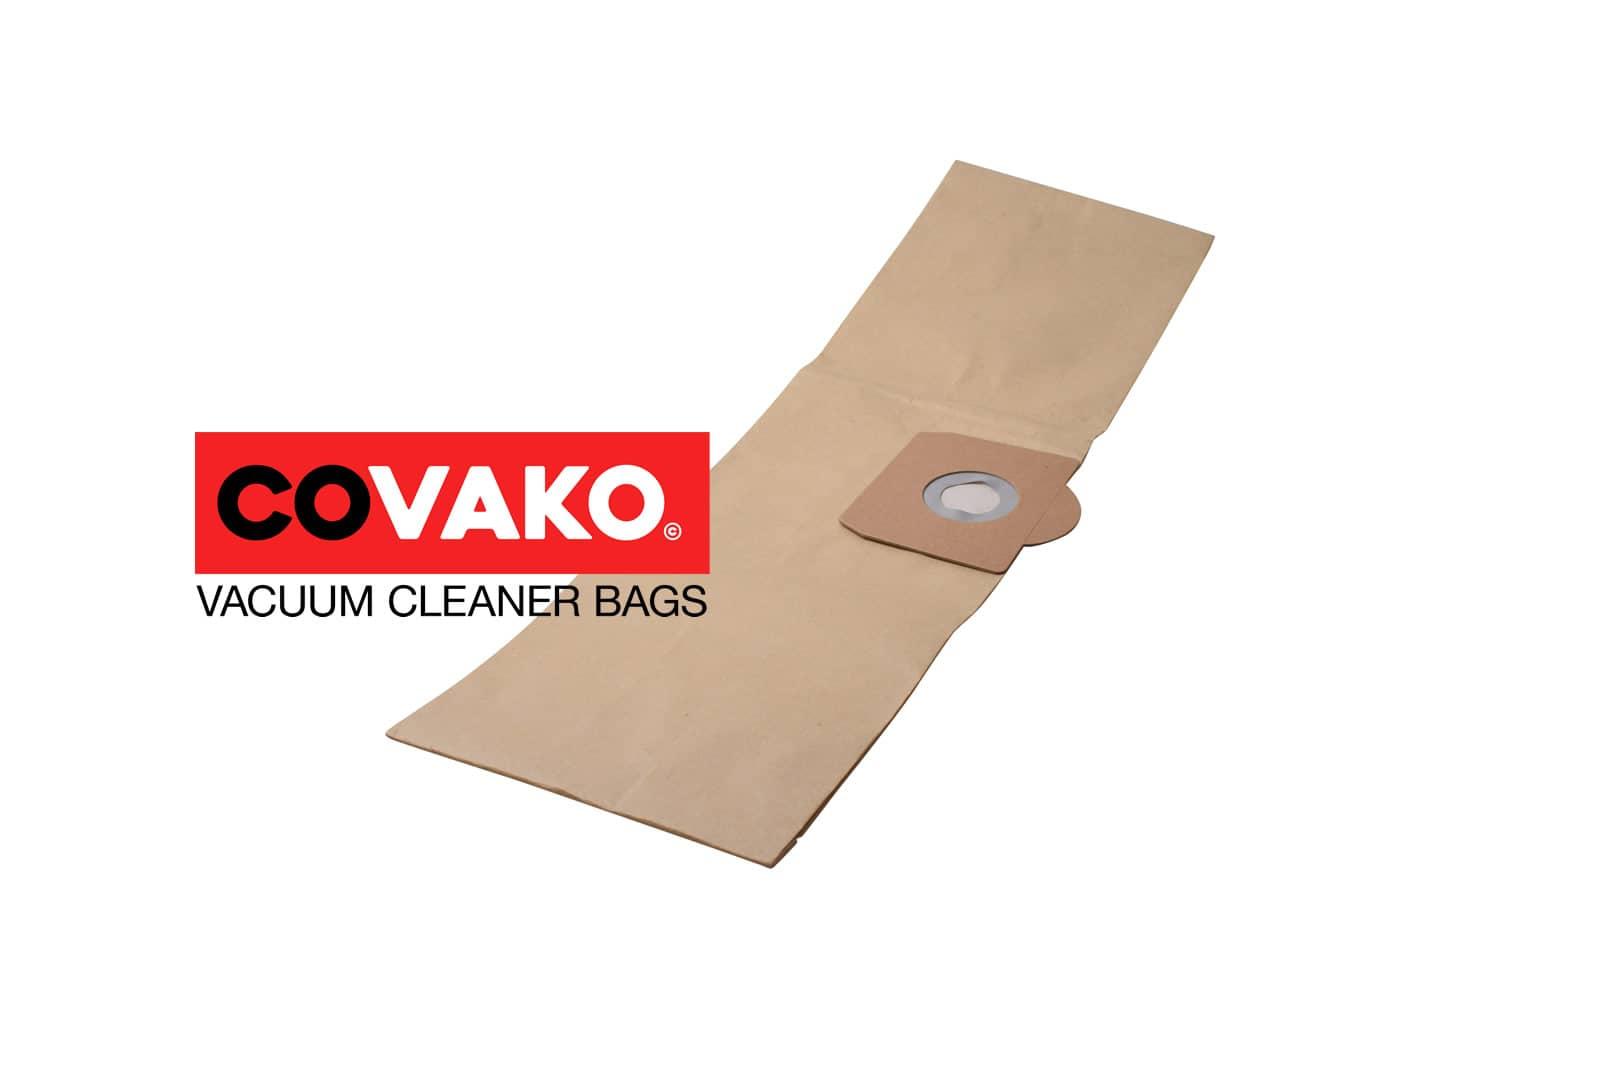 Elsea quiet junior / Paper - Elsea vacuum cleaner bags